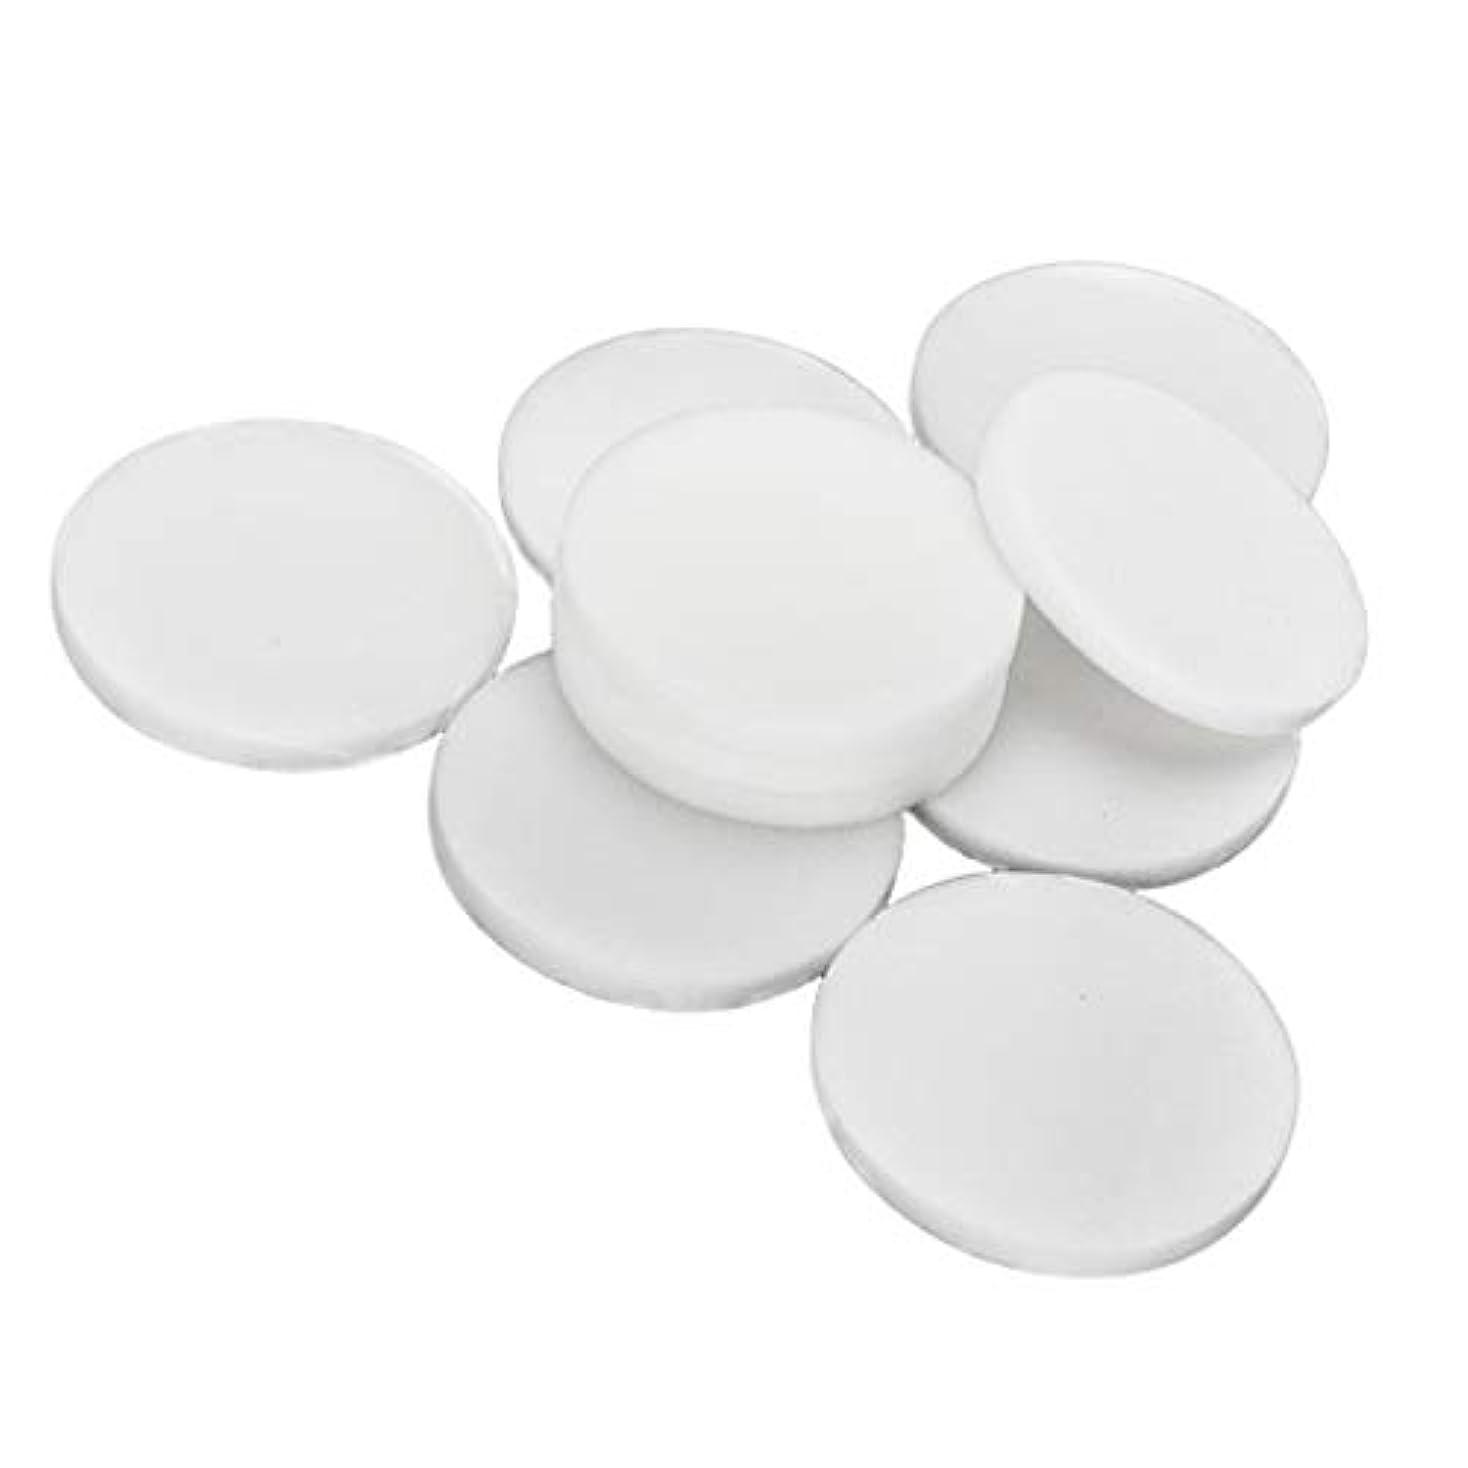 圧倒的不潔セラーPerfeclan 約10個 洗顔スポンジ 洗顔パフ メイクアップパフ フェイシャルスポンジ 全2サイズ - 大